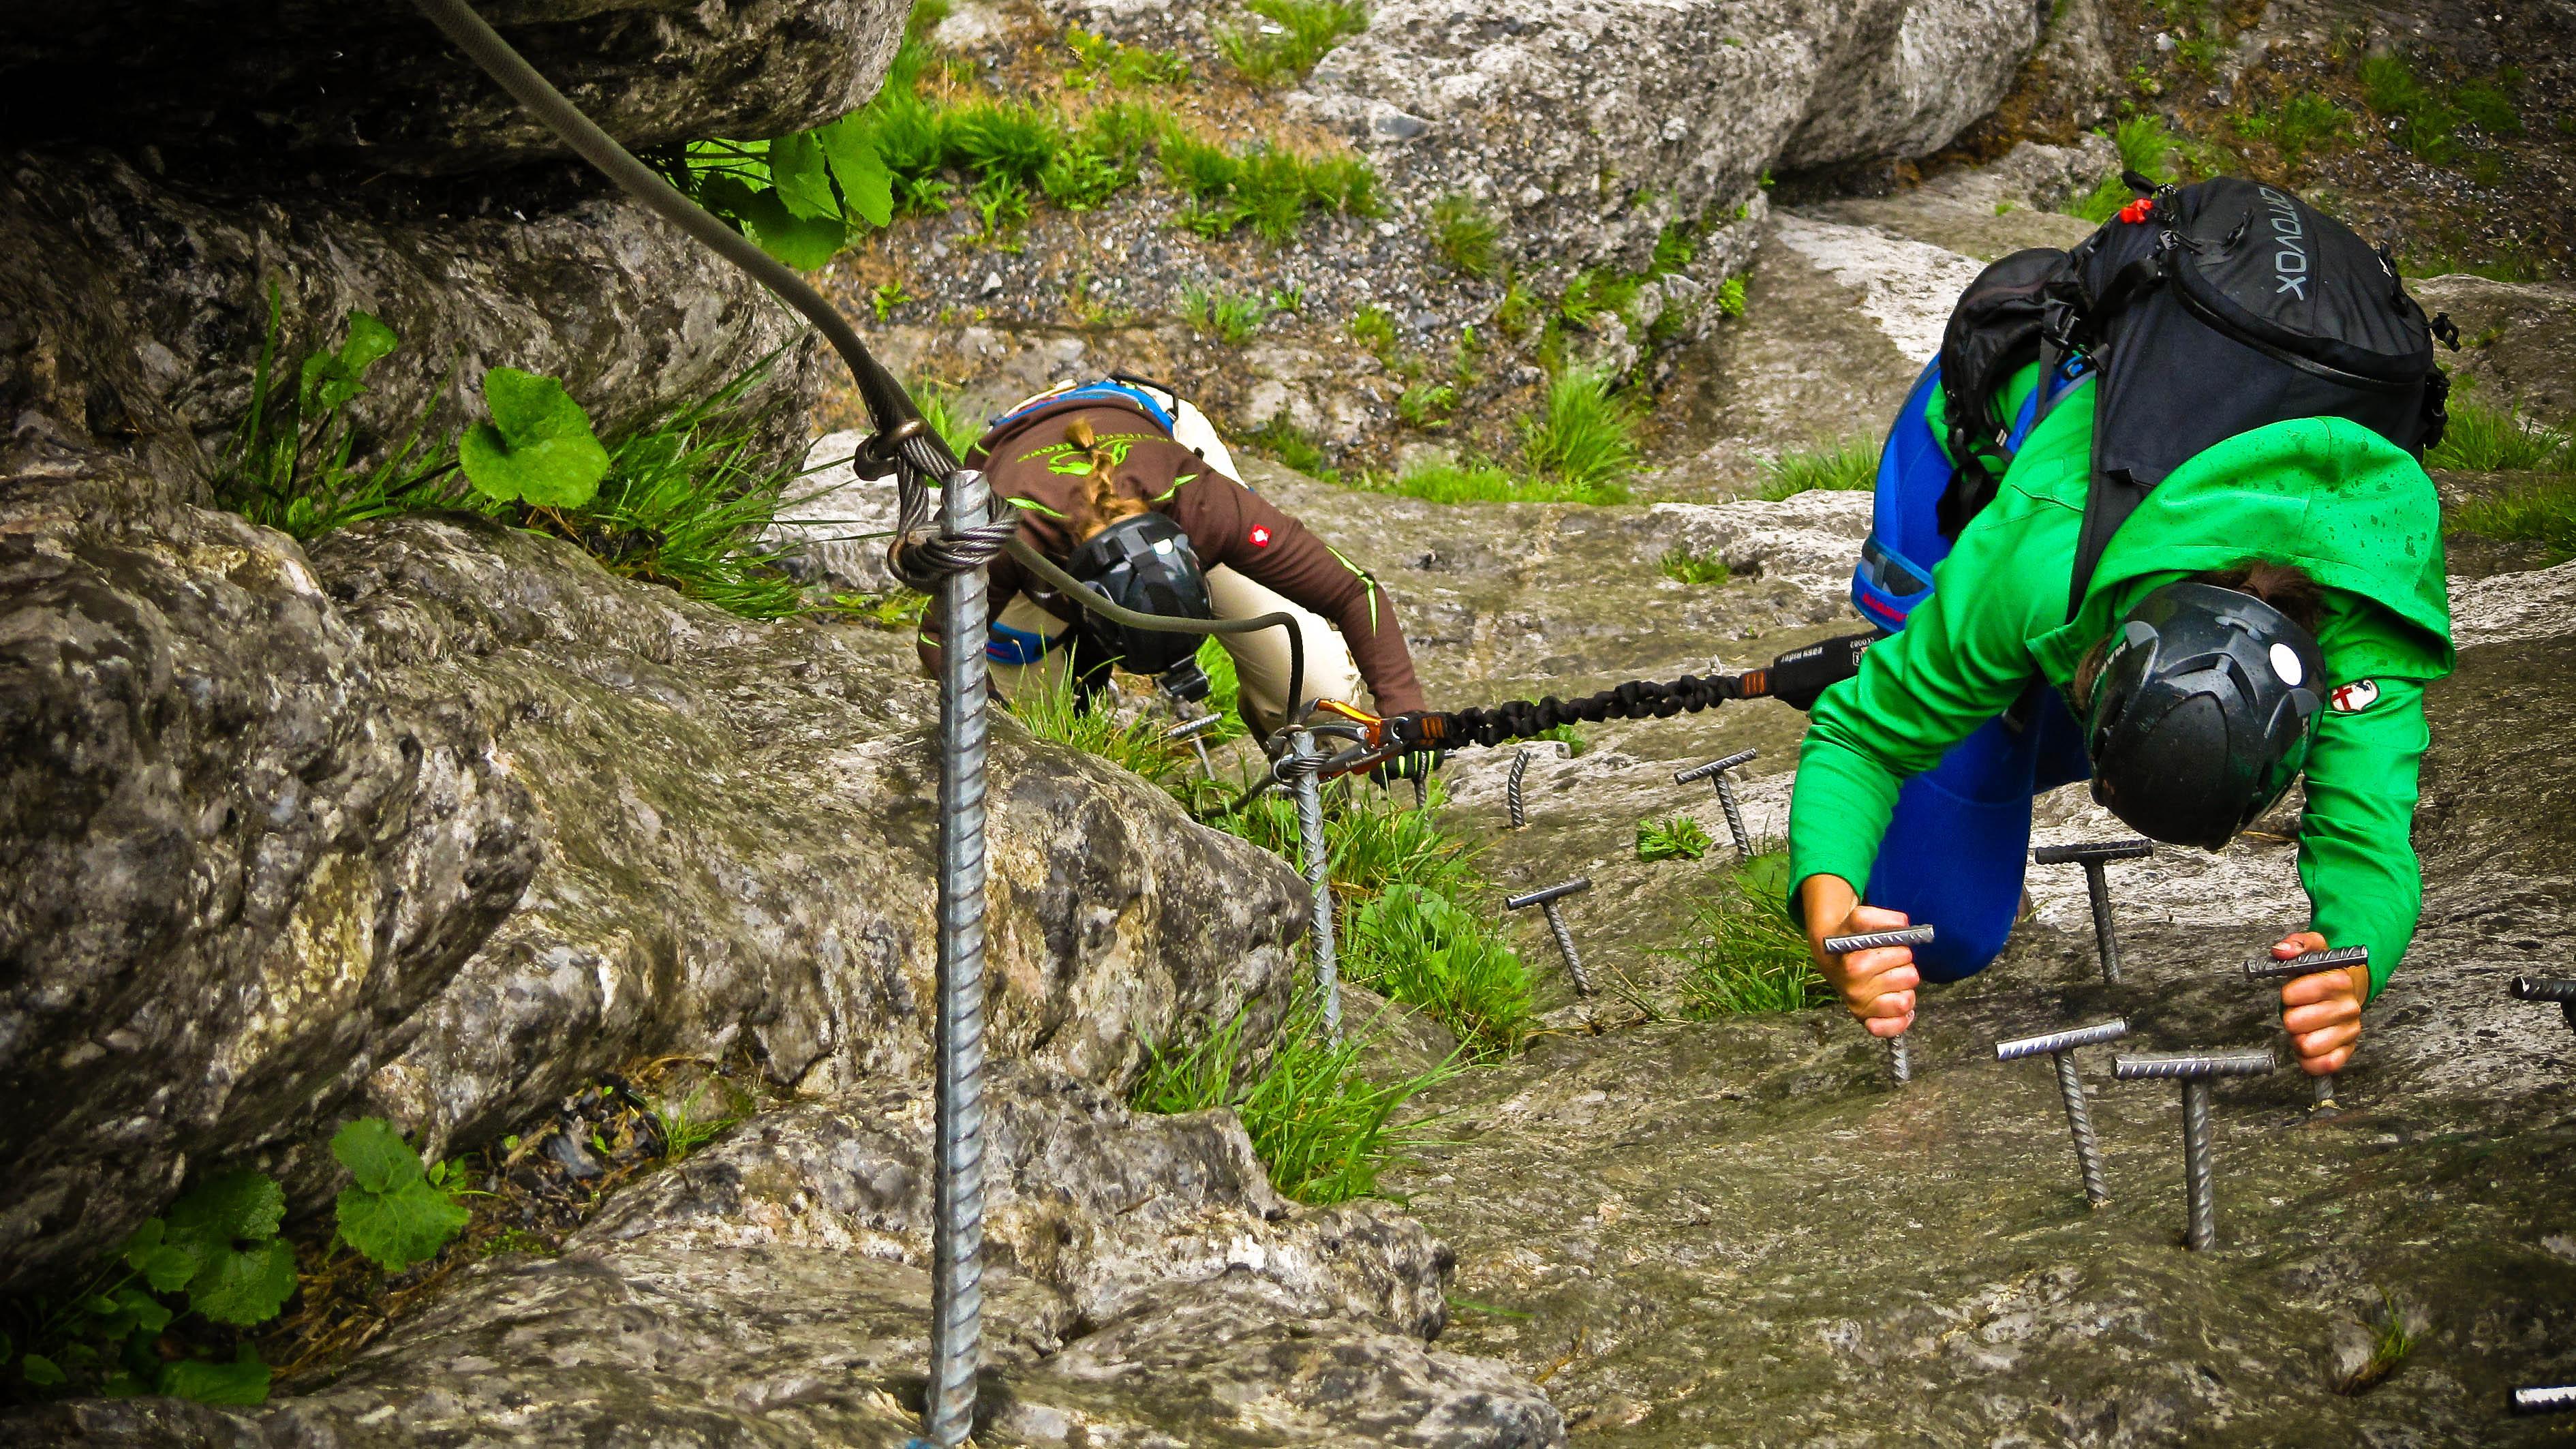 Klettersteig Andermatt : Themenspecial klettersteige der erste klettersteig geschichte